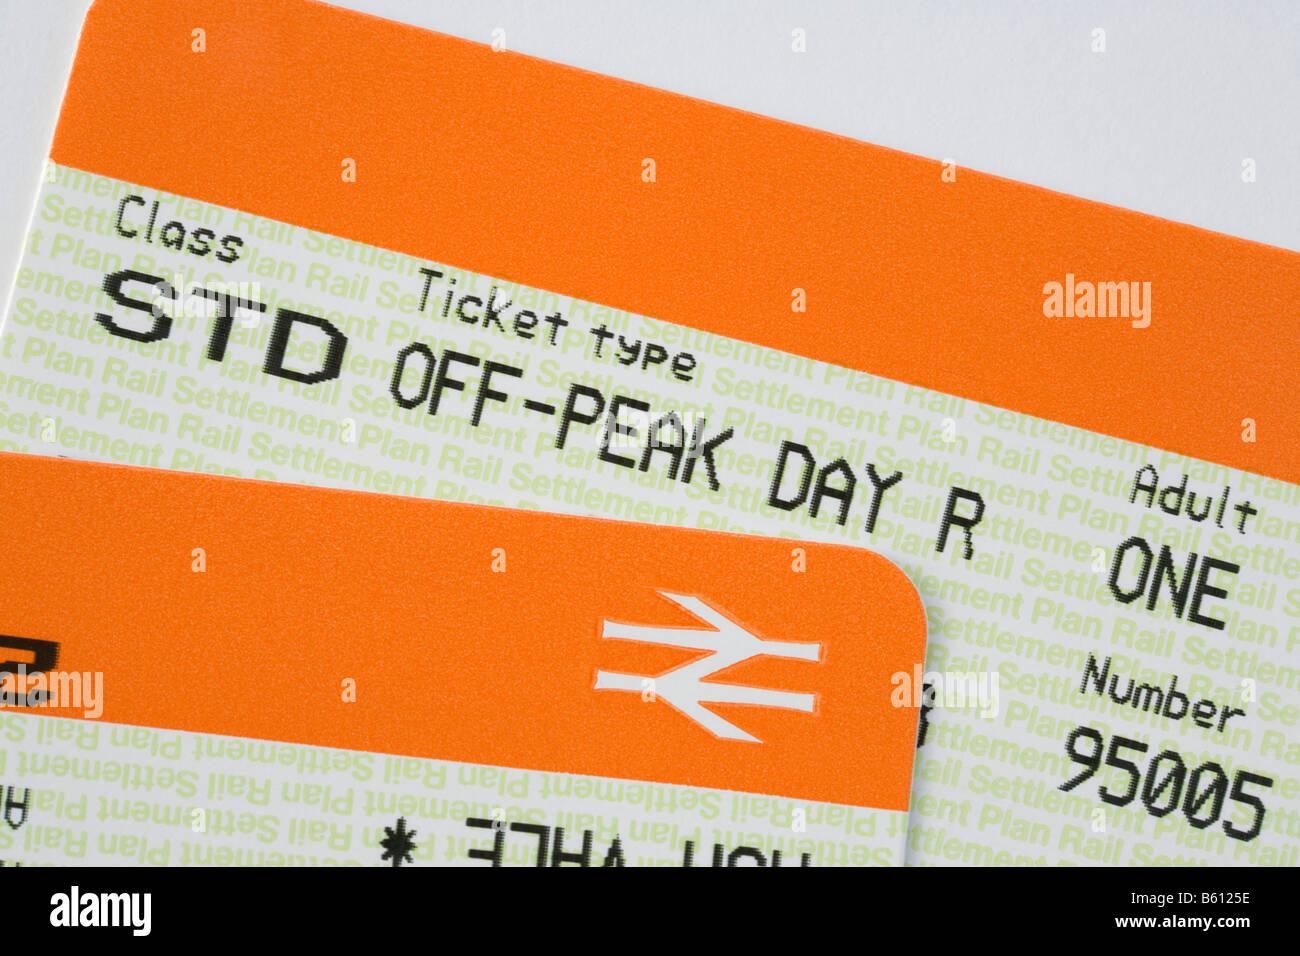 Britain Uk British Rail Tickets For Standard Off Peak